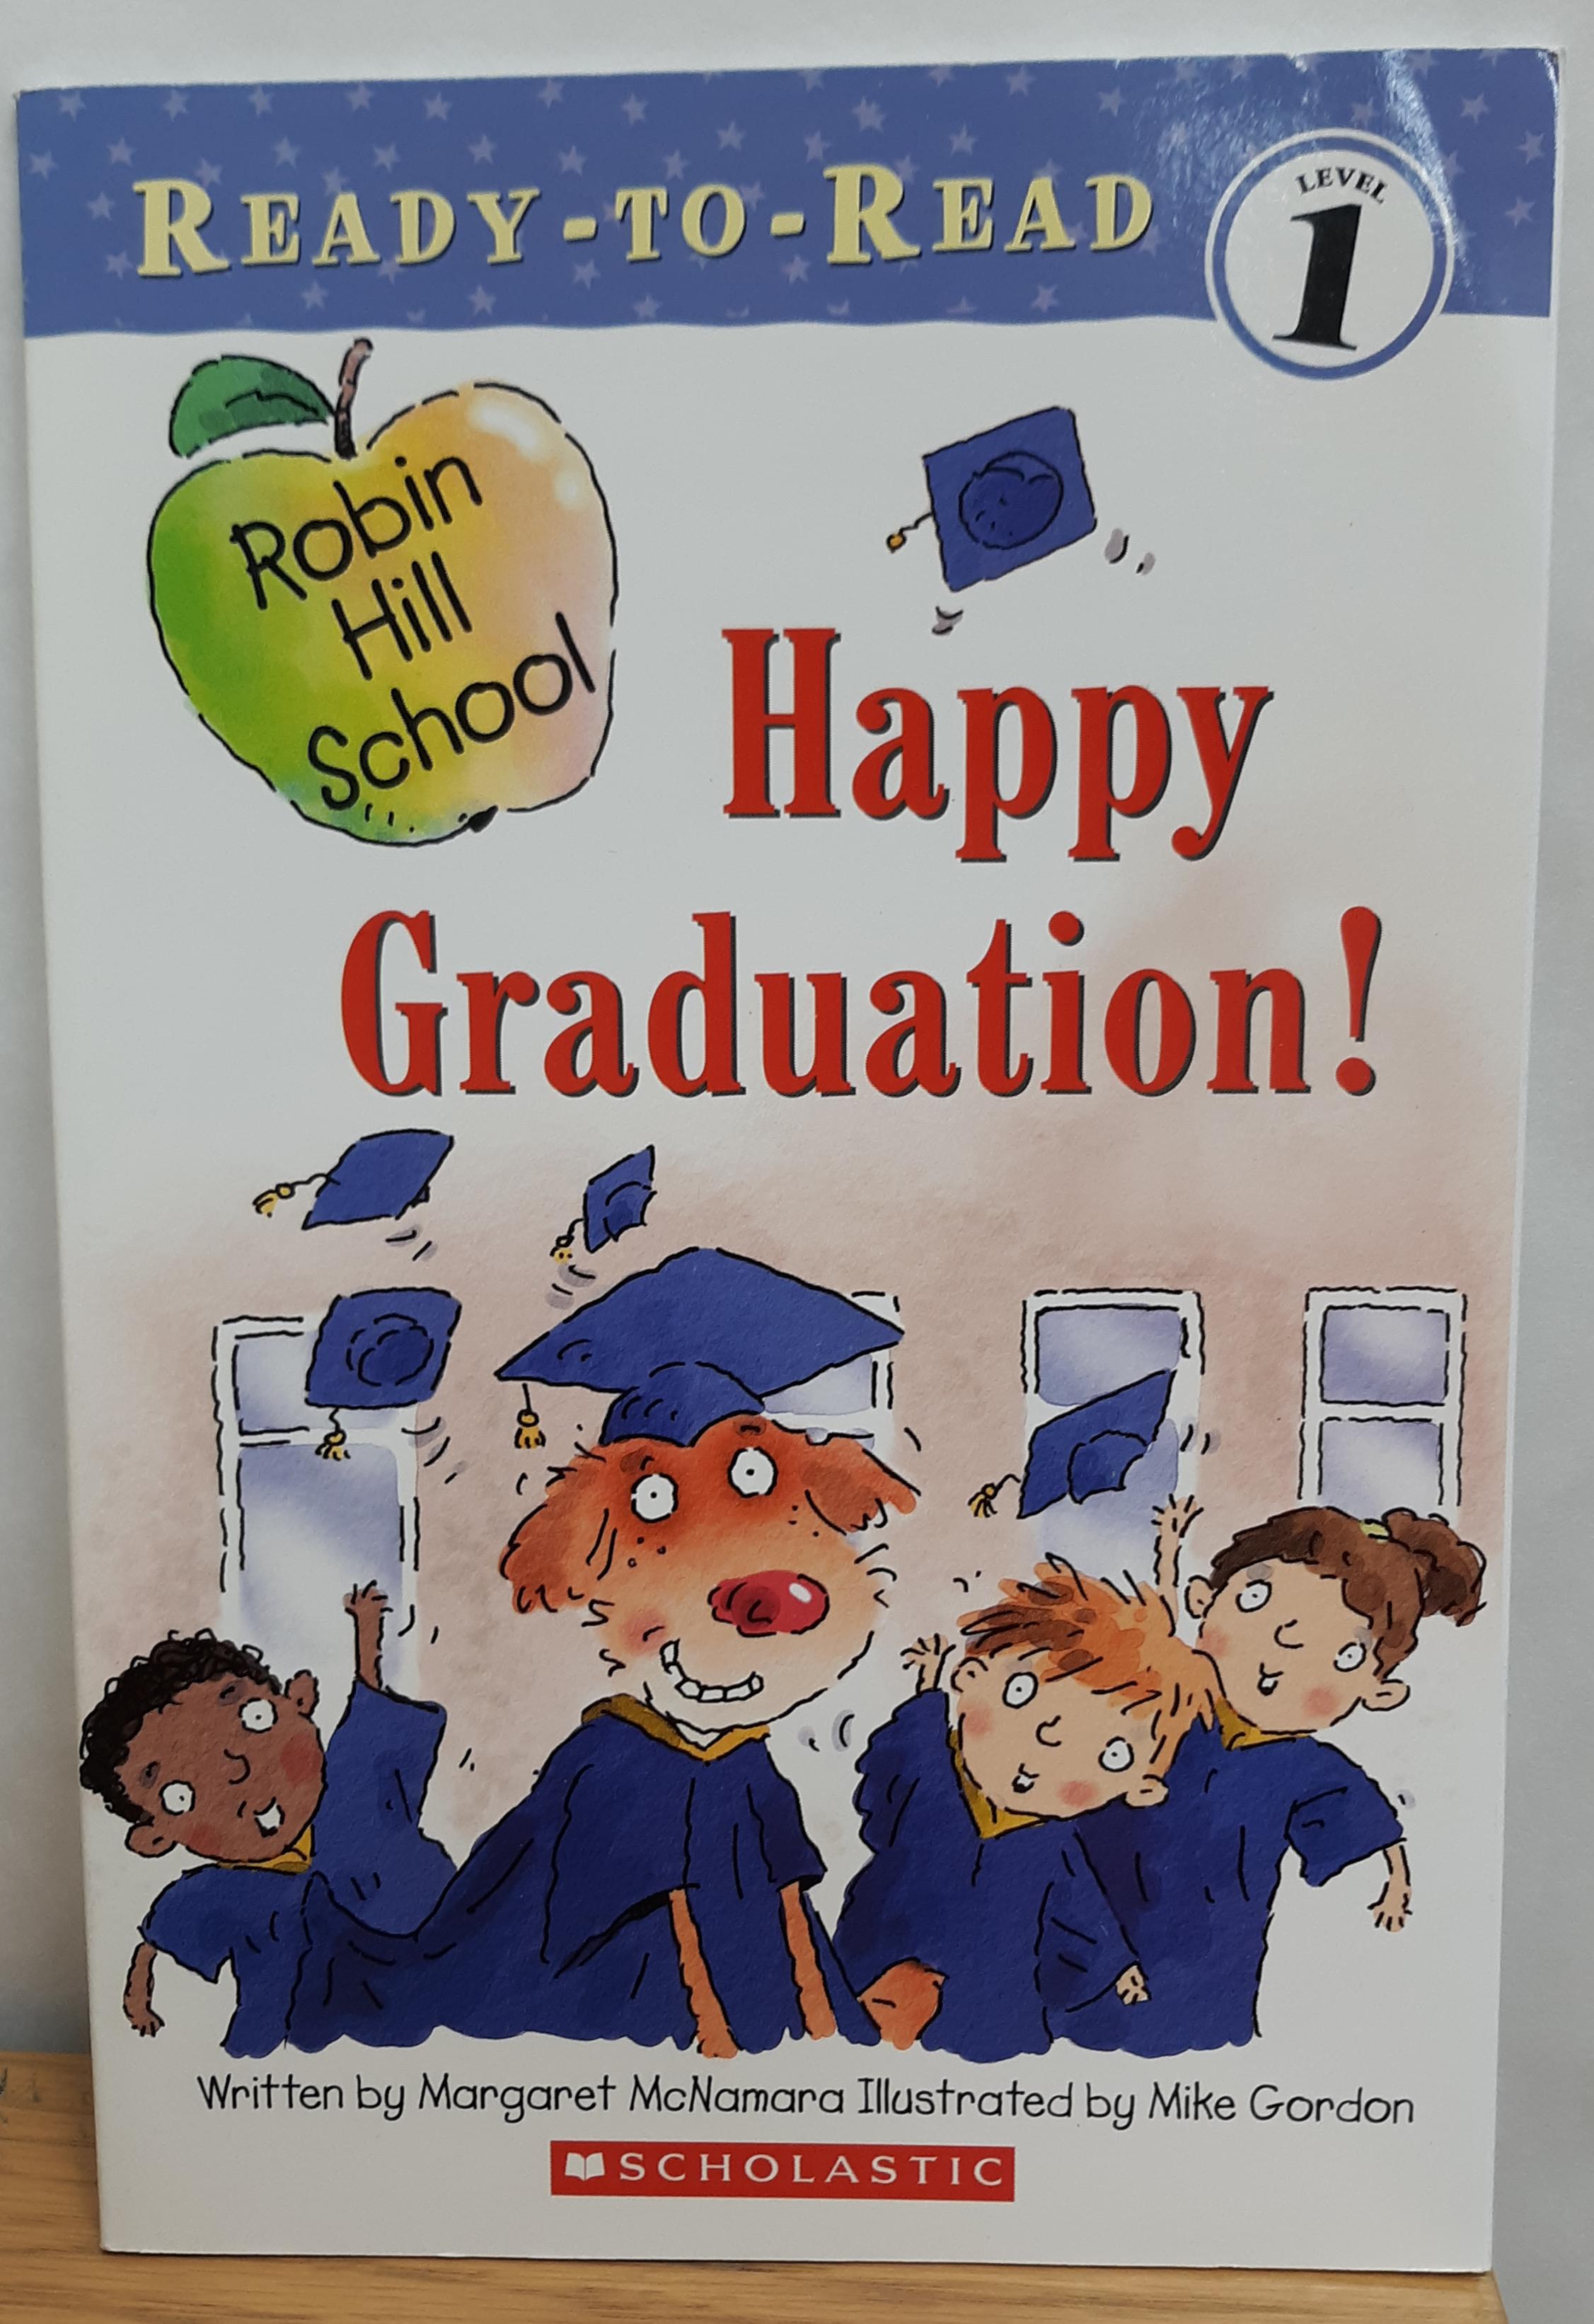 https://0201.nccdn.net/1_2/000/000/13d/161/happy-graduation.png